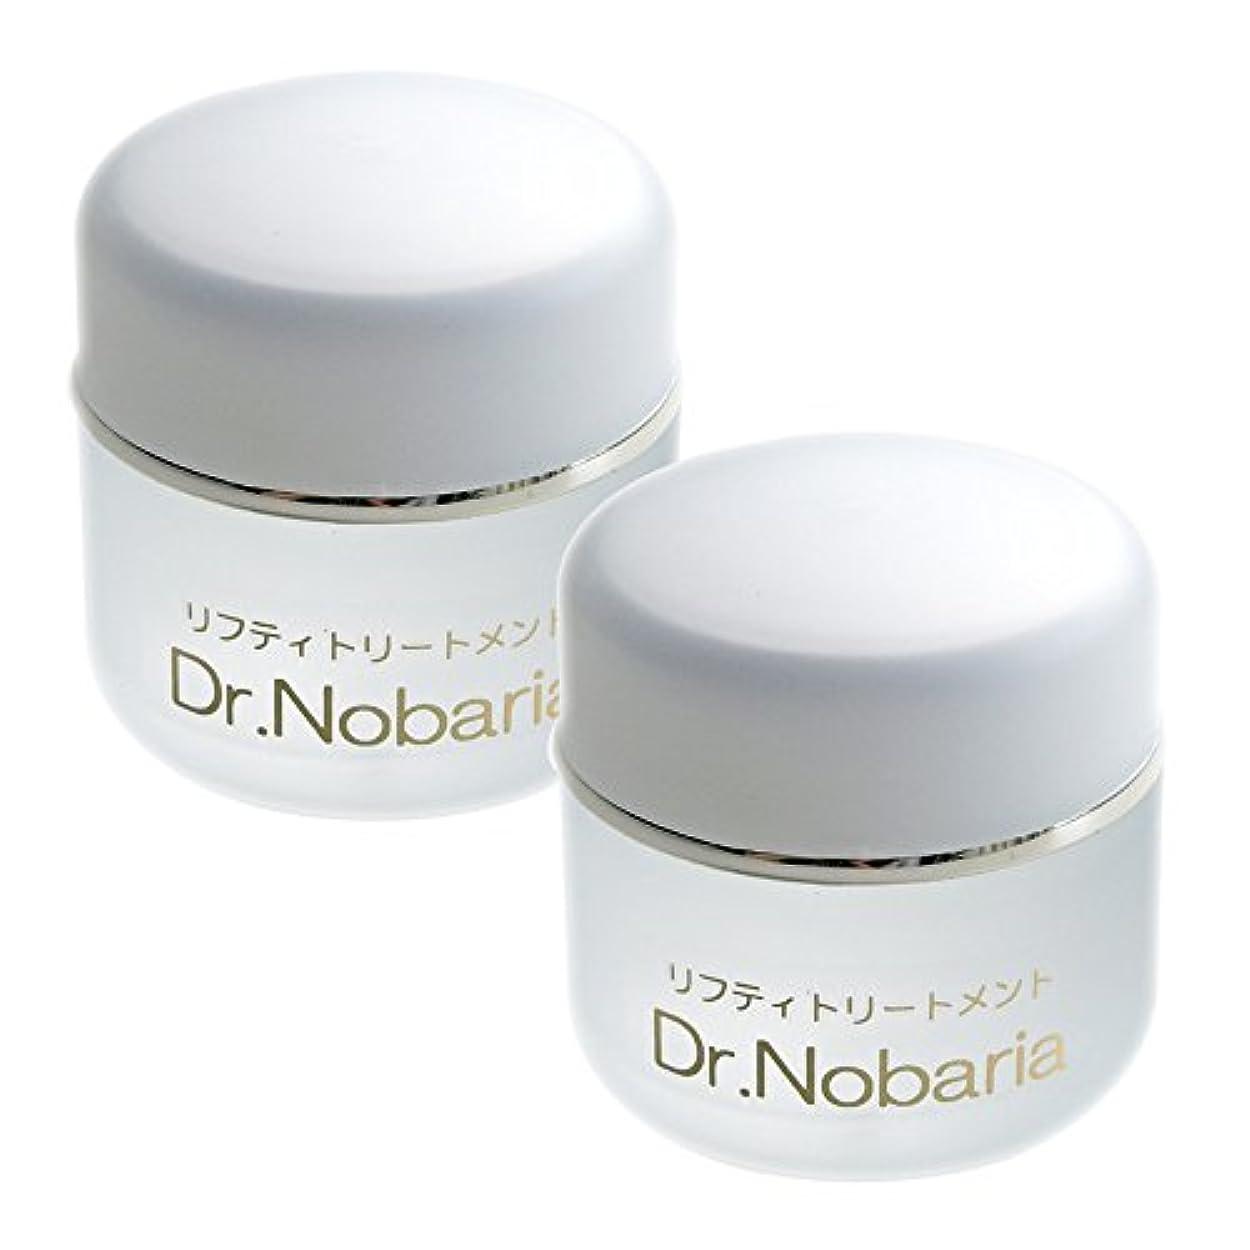 楕円形証明書制限Natural Pure ノバリアスキンケア ノバリアジェルクリーム 保湿 無香料 無着色 (30g×2個)